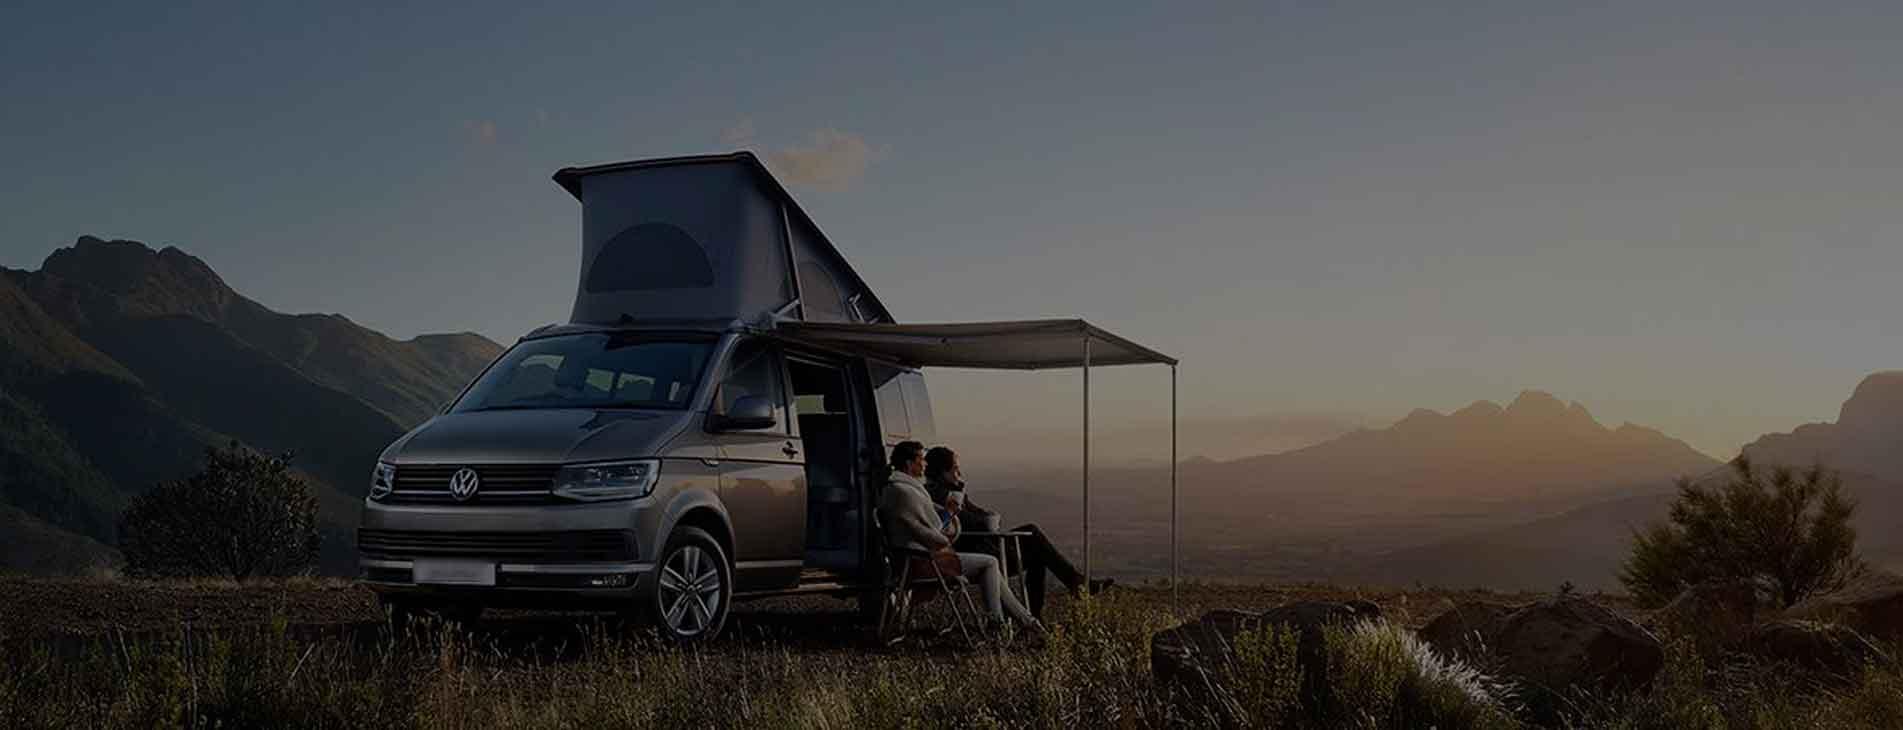 Caravan, Campervan & Motor Home Insurance